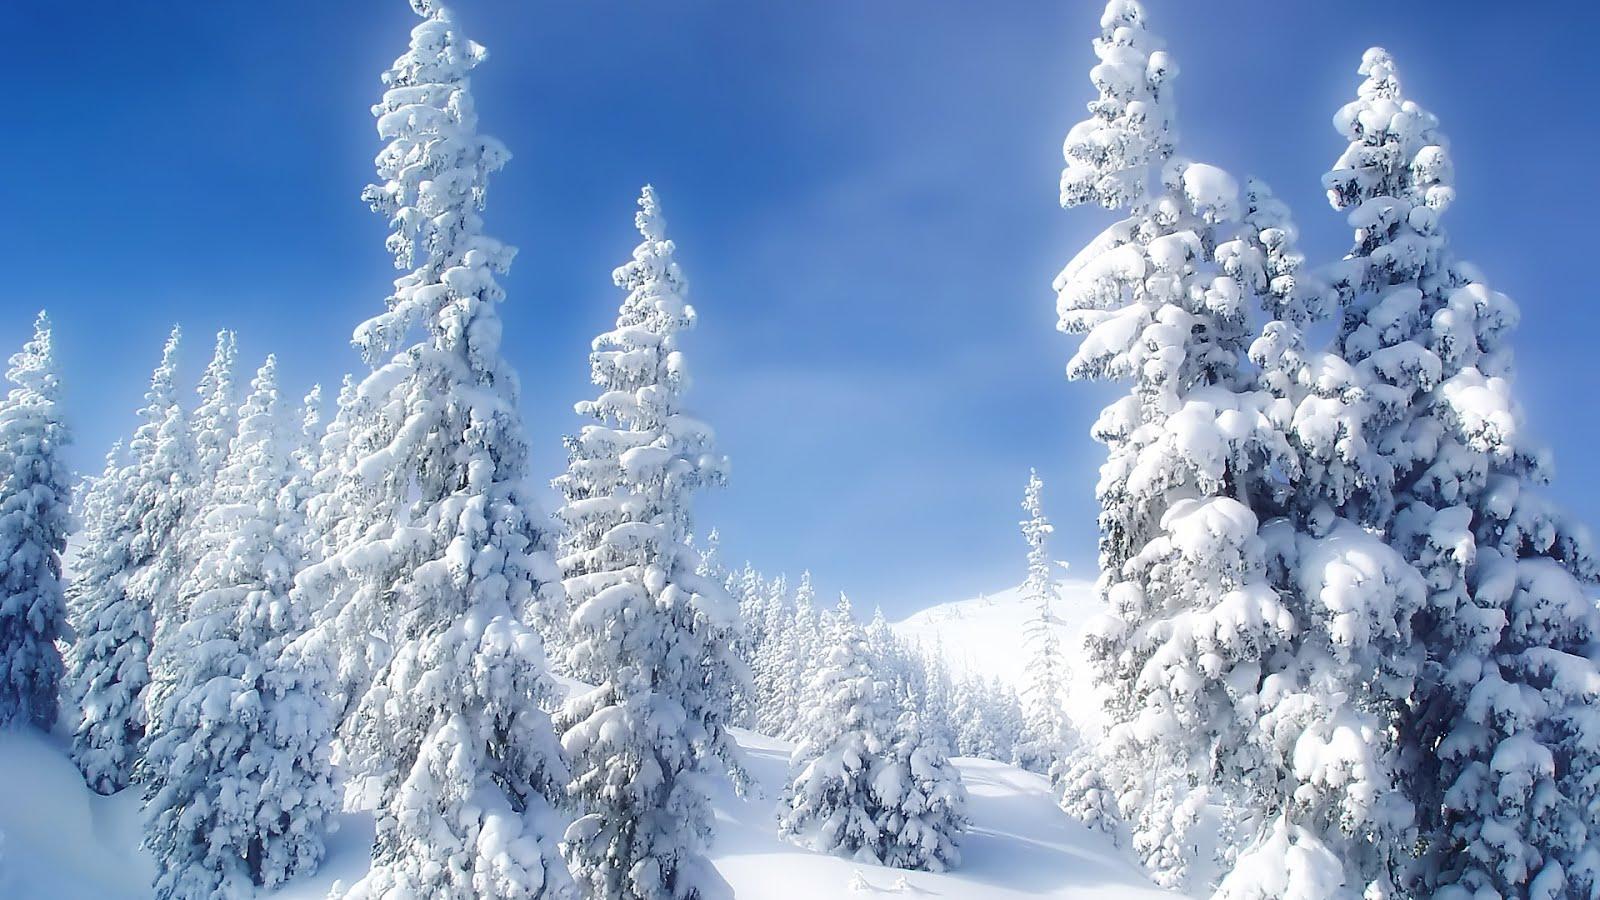 1080P Winter Wallpaper - WallpaperSafari